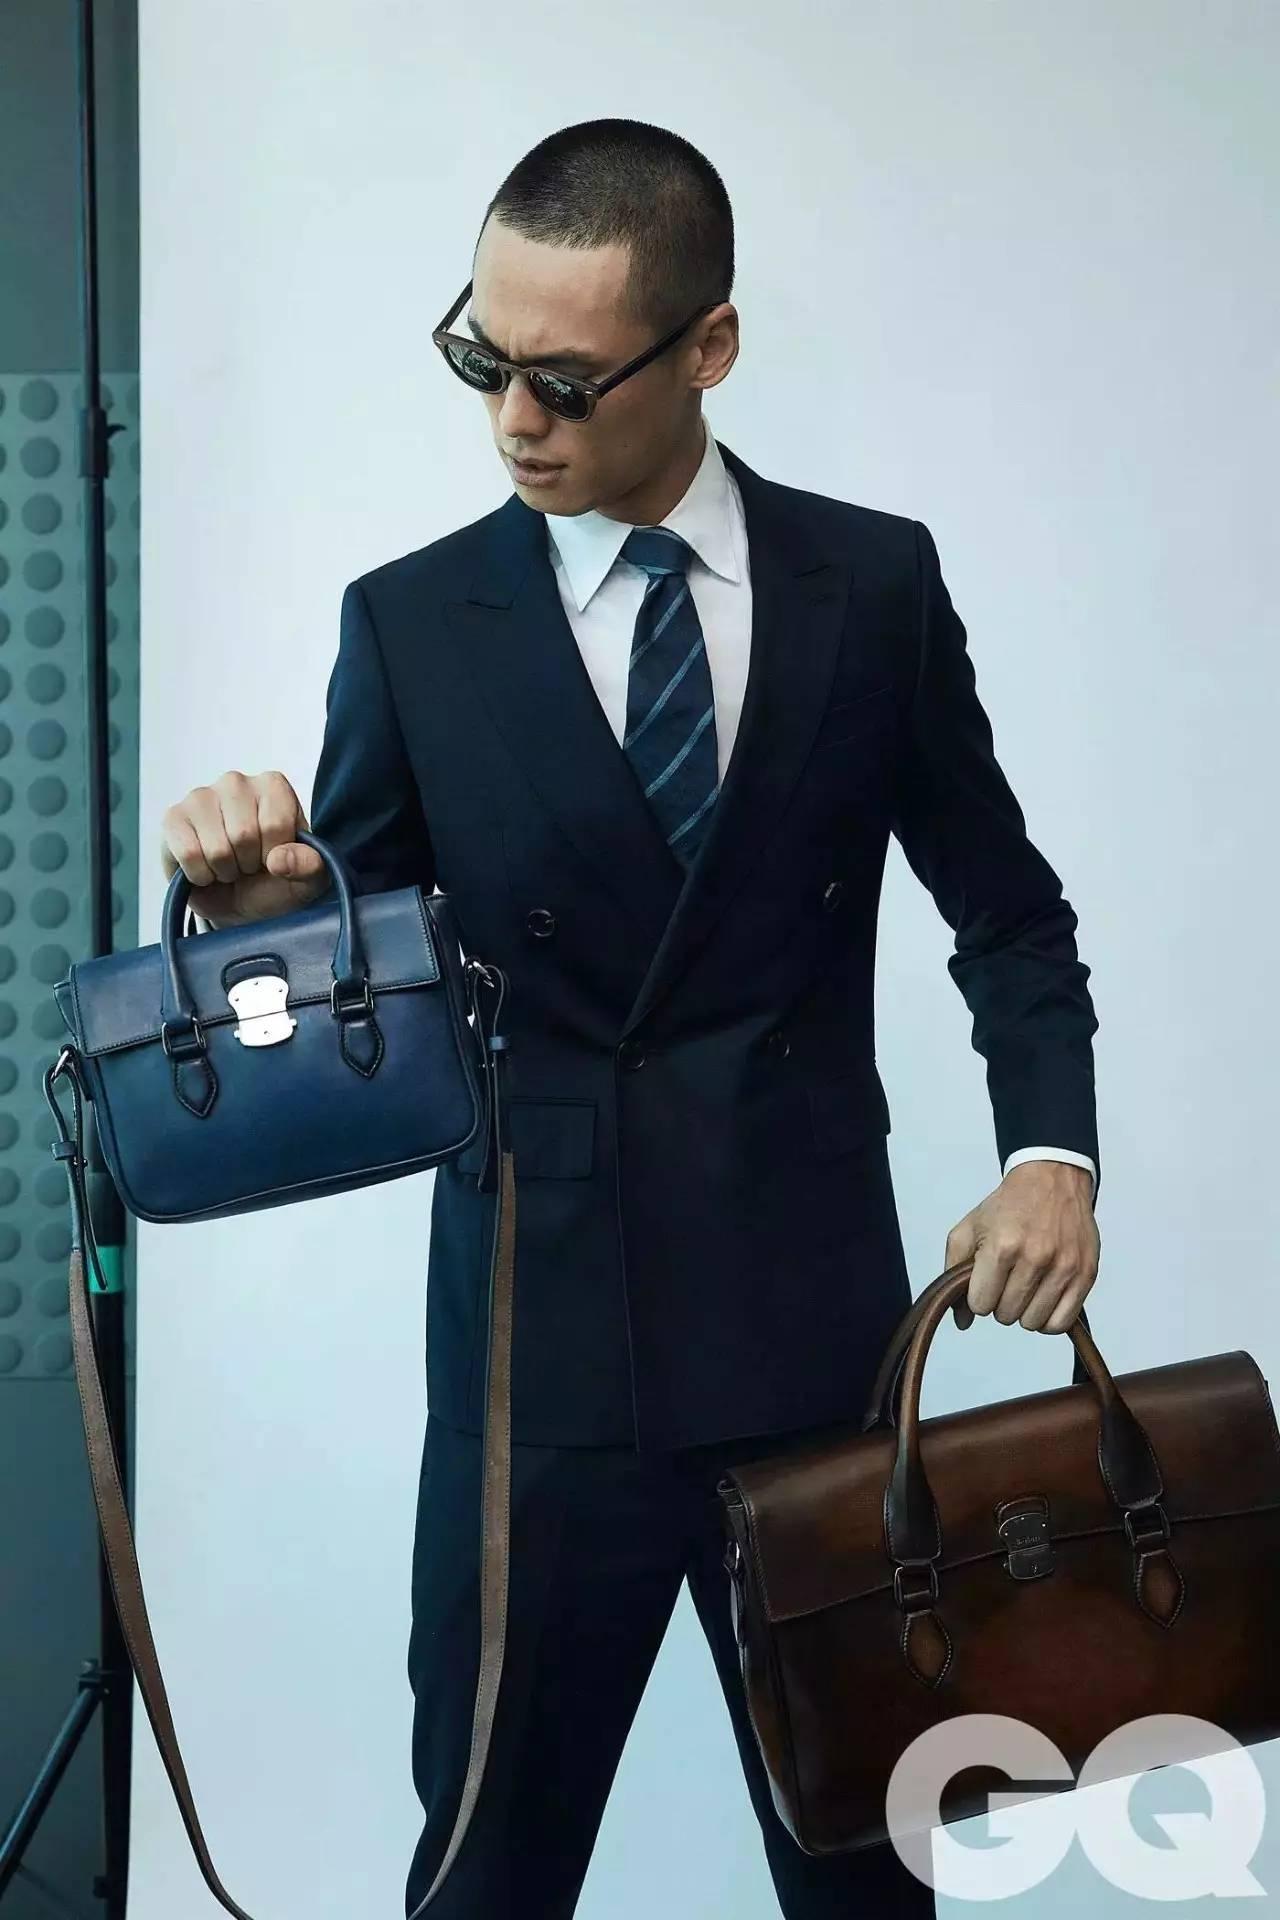 男人背小包真的就很娘吗?男士也很流行背小包 男士时尚 图5